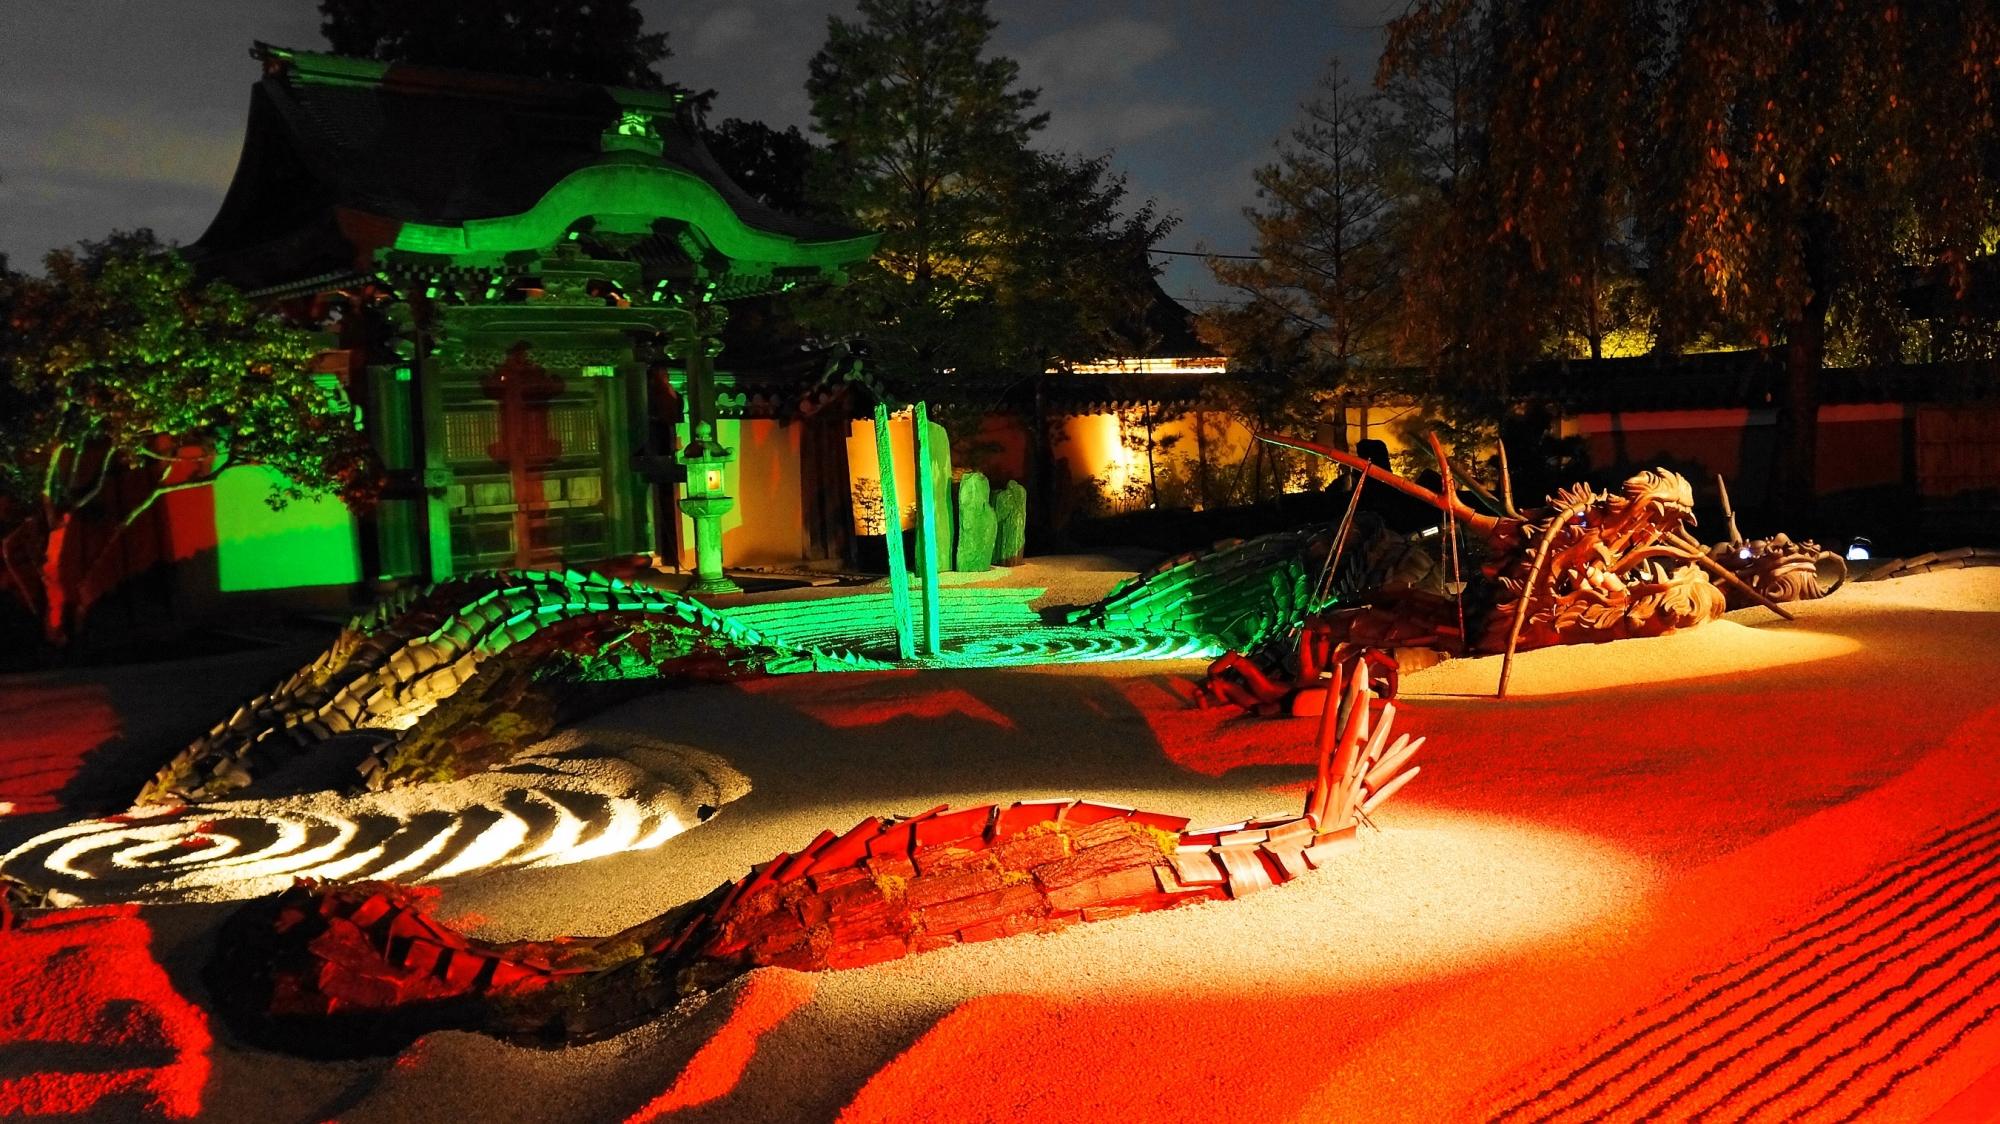 高台寺の龍の方丈庭園の見事なライトアップ